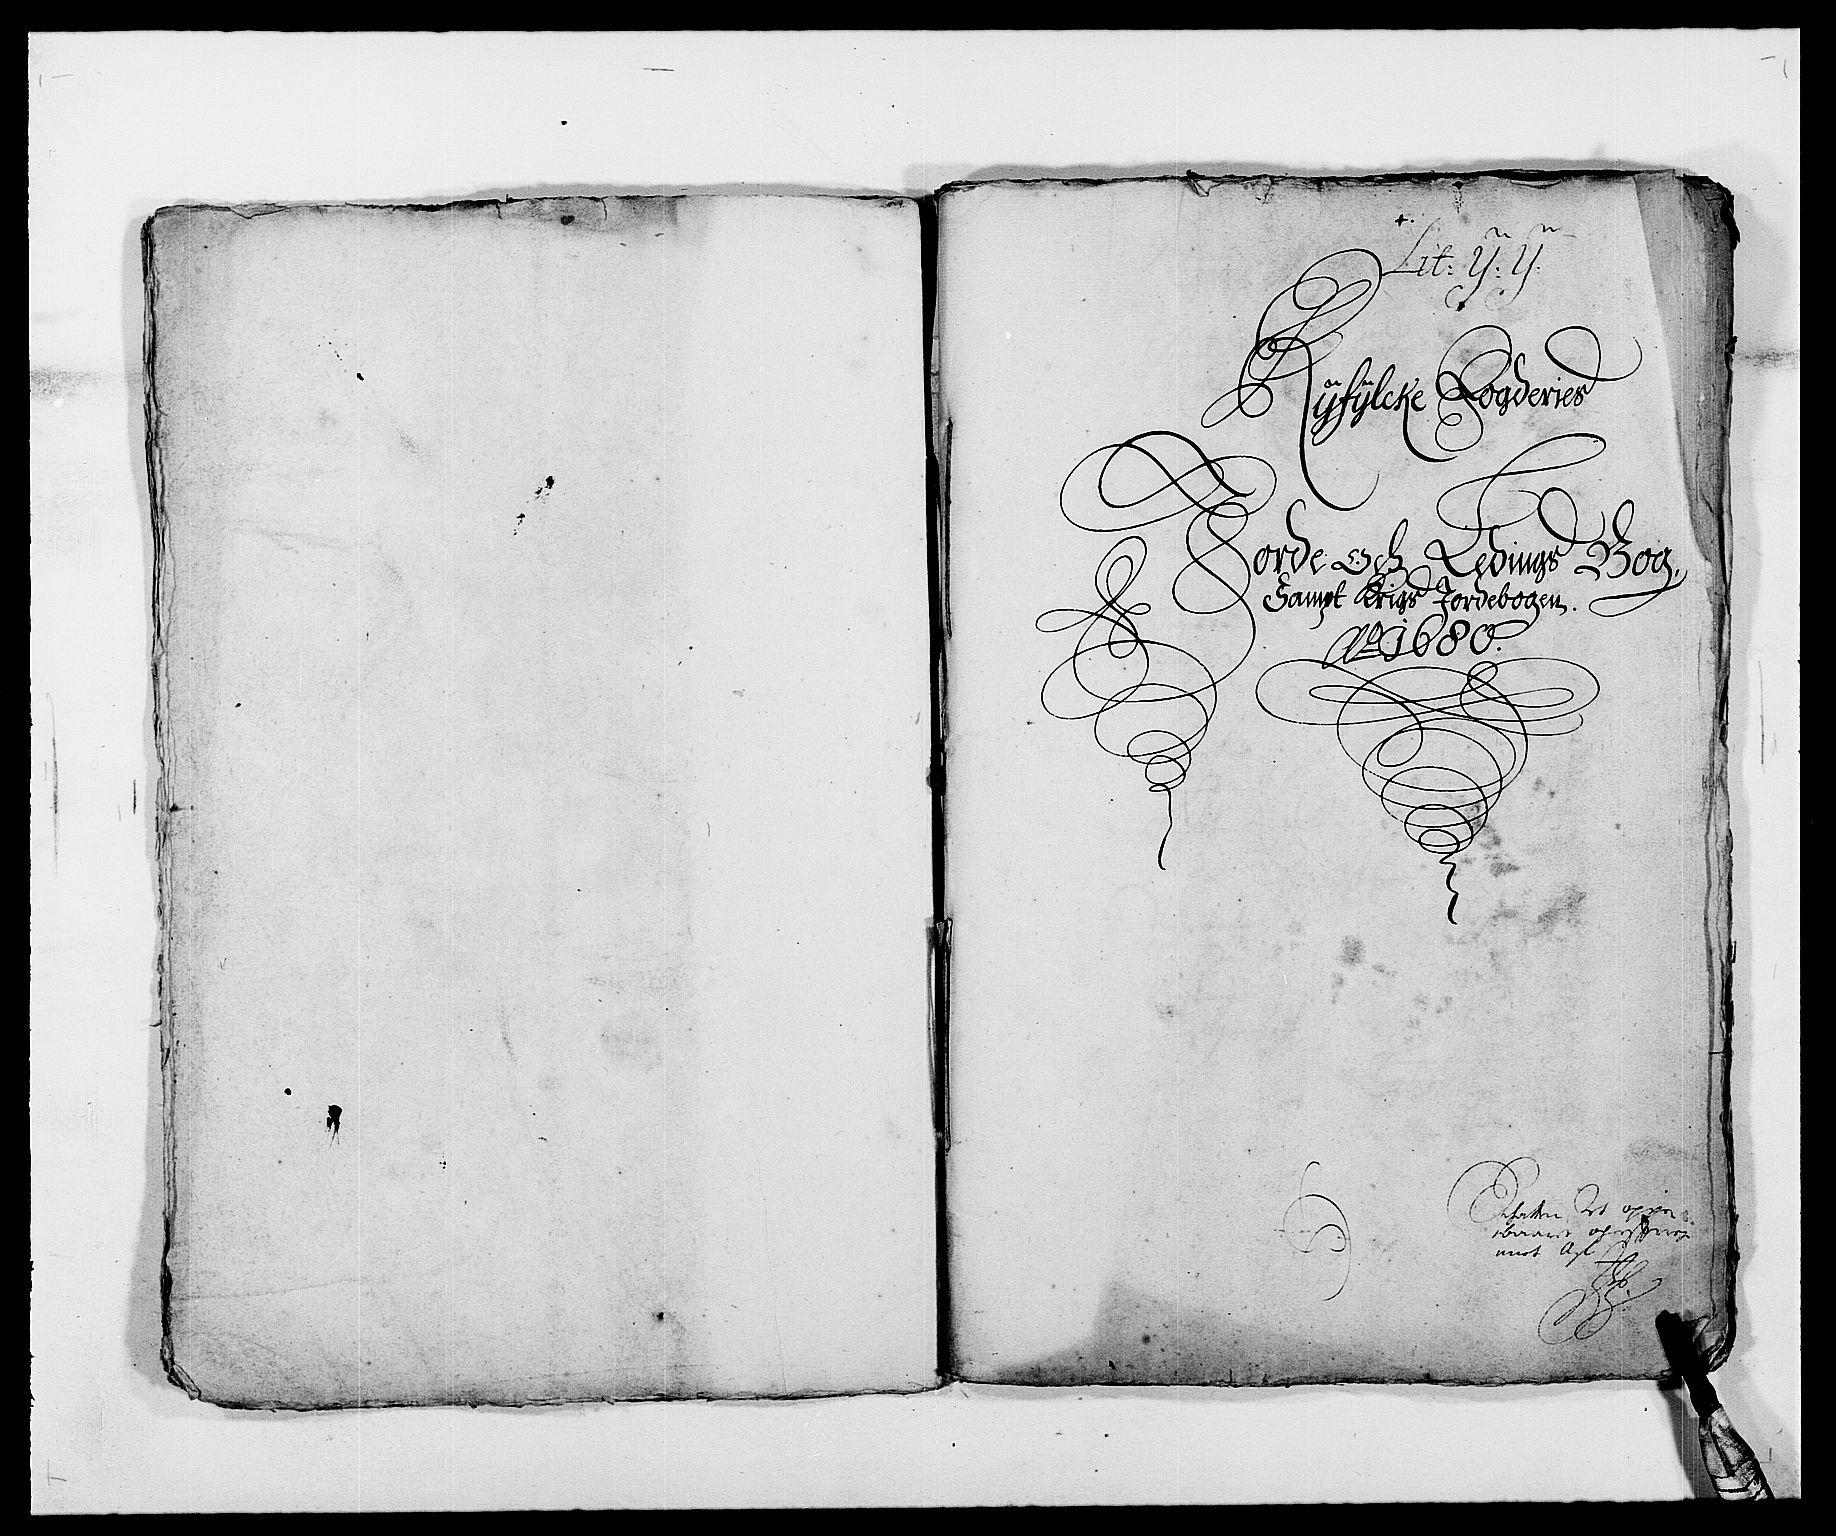 RA, Rentekammeret inntil 1814, Reviderte regnskaper, Fogderegnskap, R47/L2850: Fogderegnskap Ryfylke, 1680, s. 164